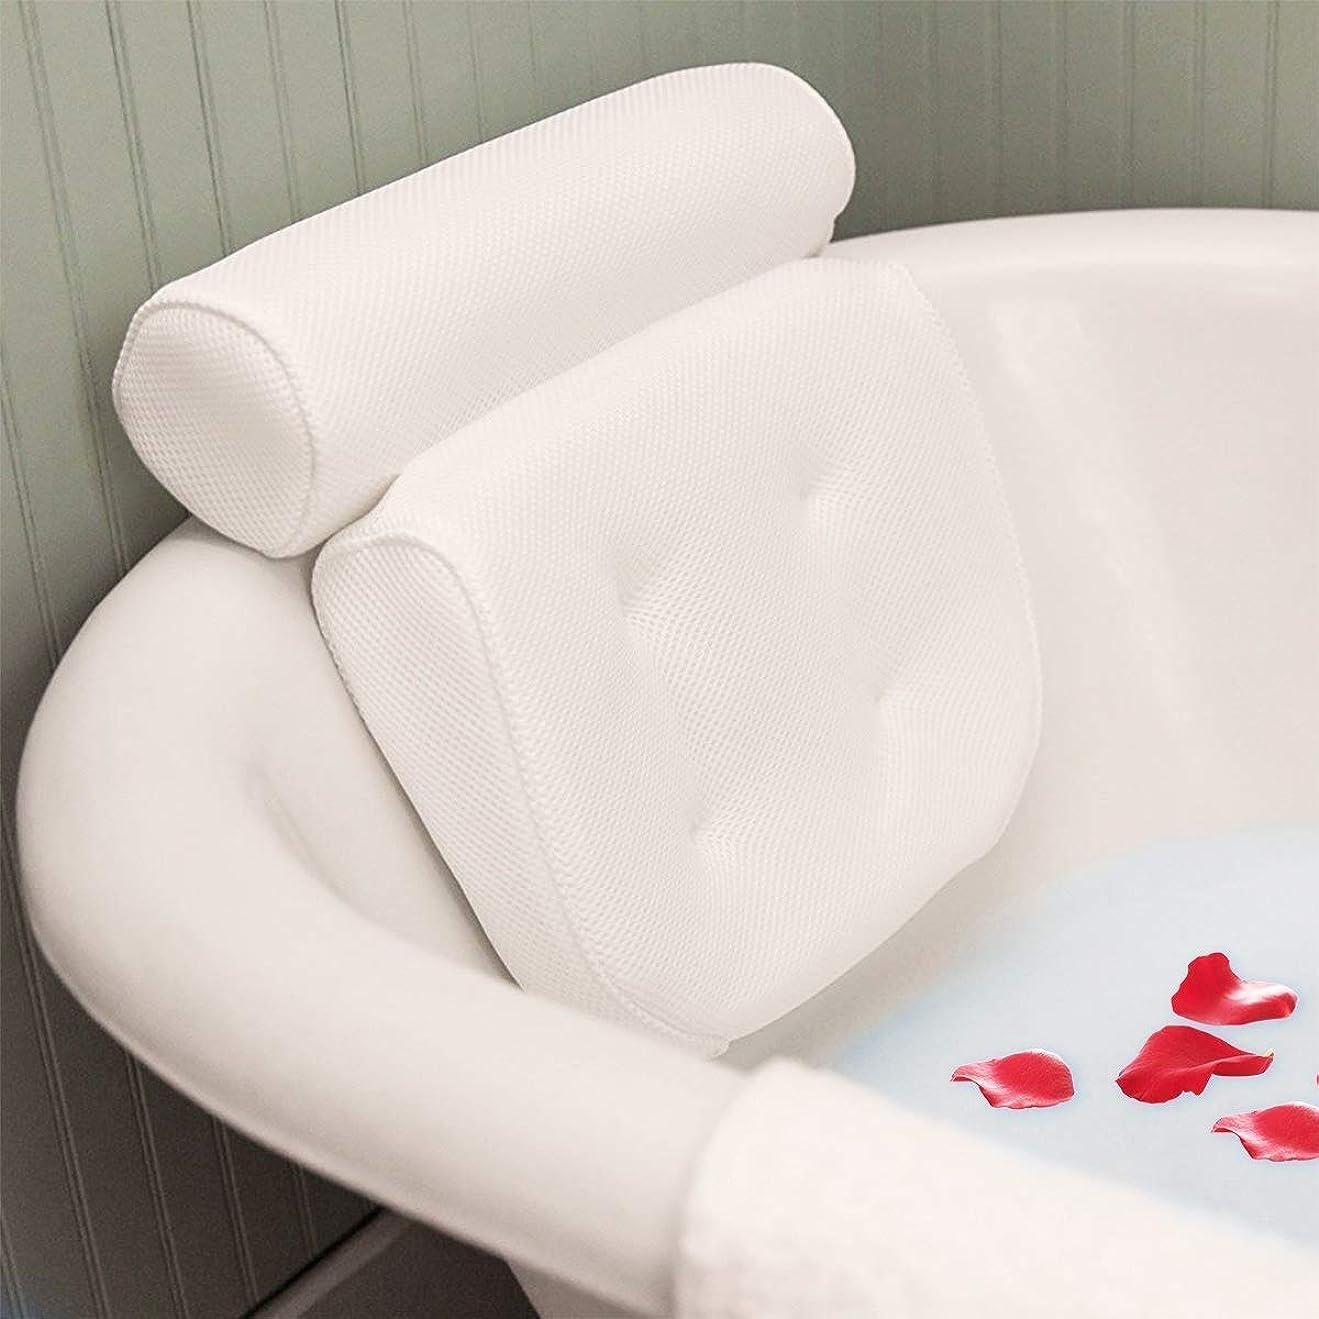 憎しみ比率消去お風呂 まくらESSORT枕 バスピロー 吸盤 滑り止め付 バスタブ 浴槽用 浴用品 肩こり リラックス 安眠 抗菌